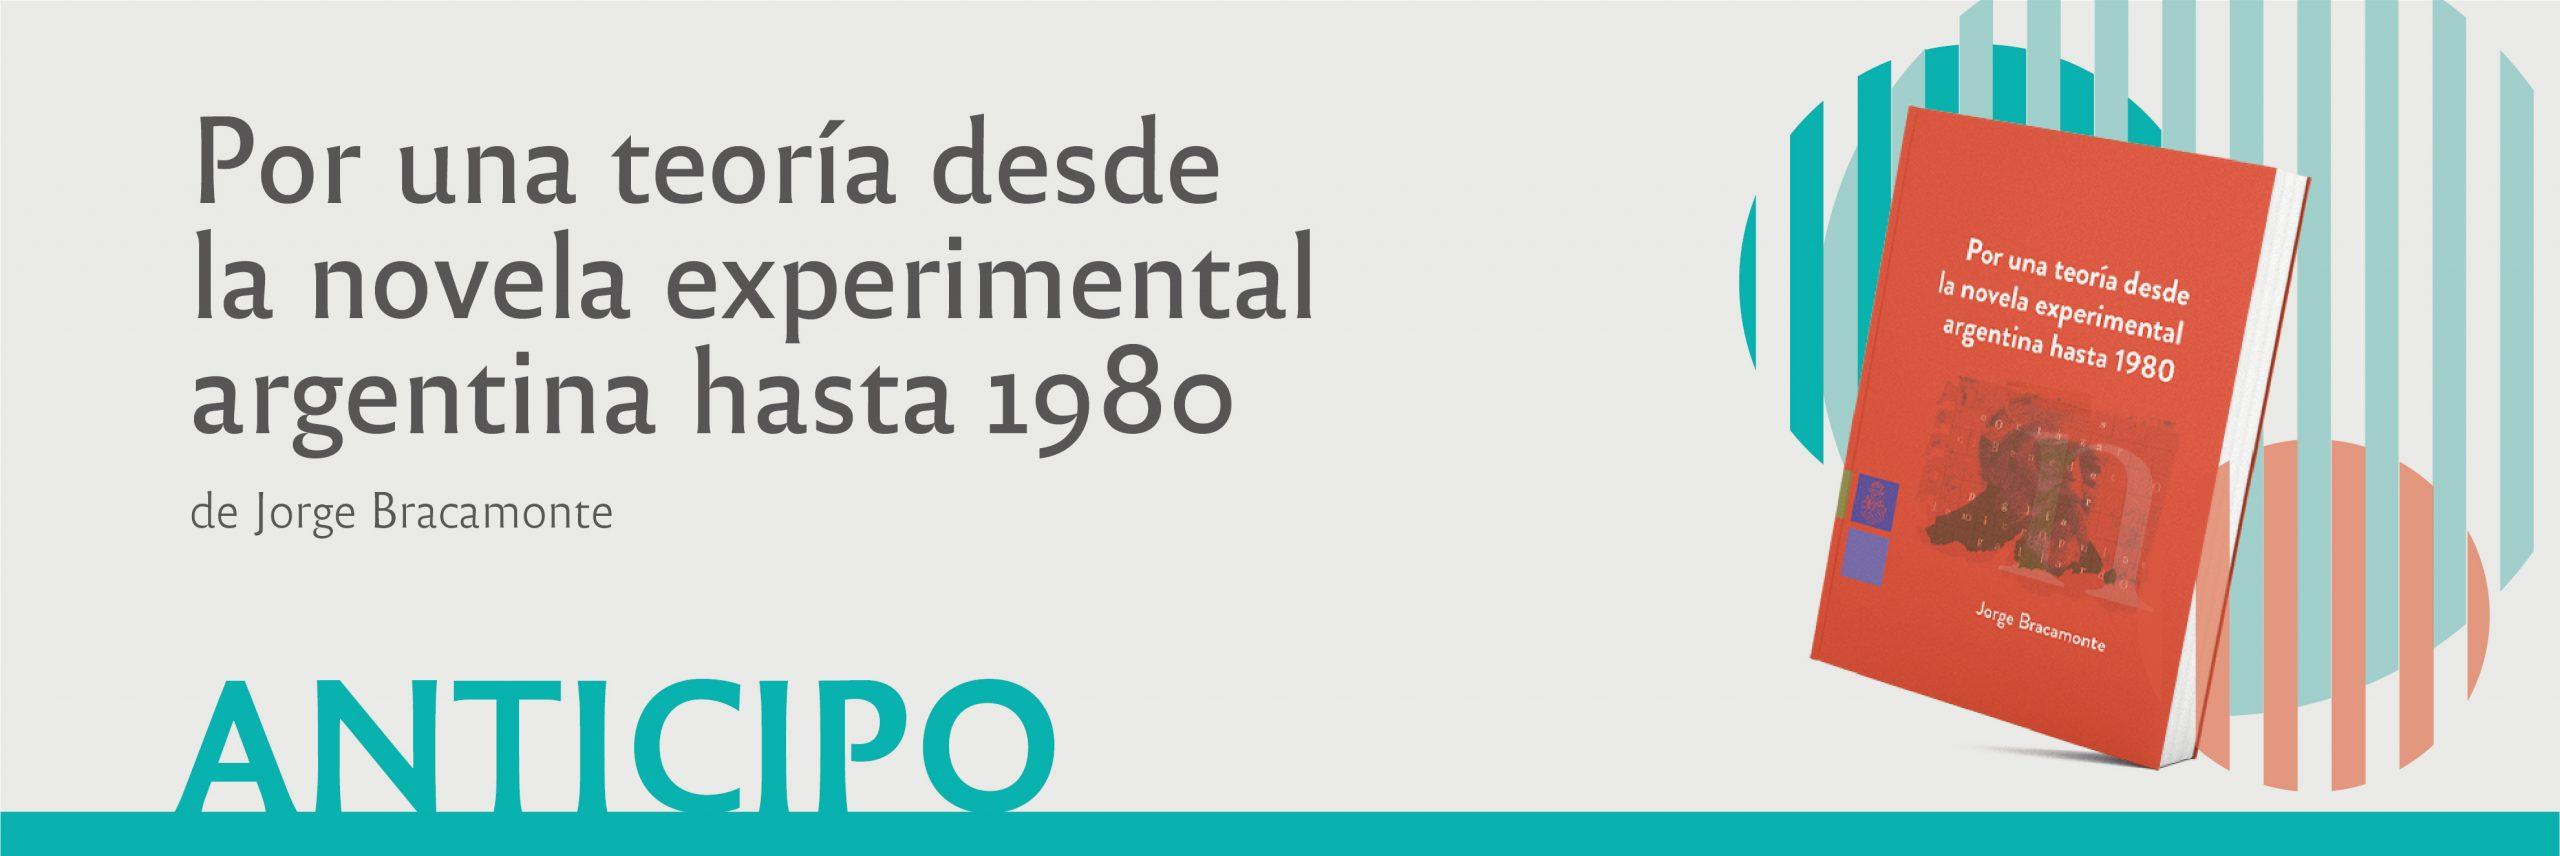 Por una teoría desde la novela experimental Argentina hasta 1980